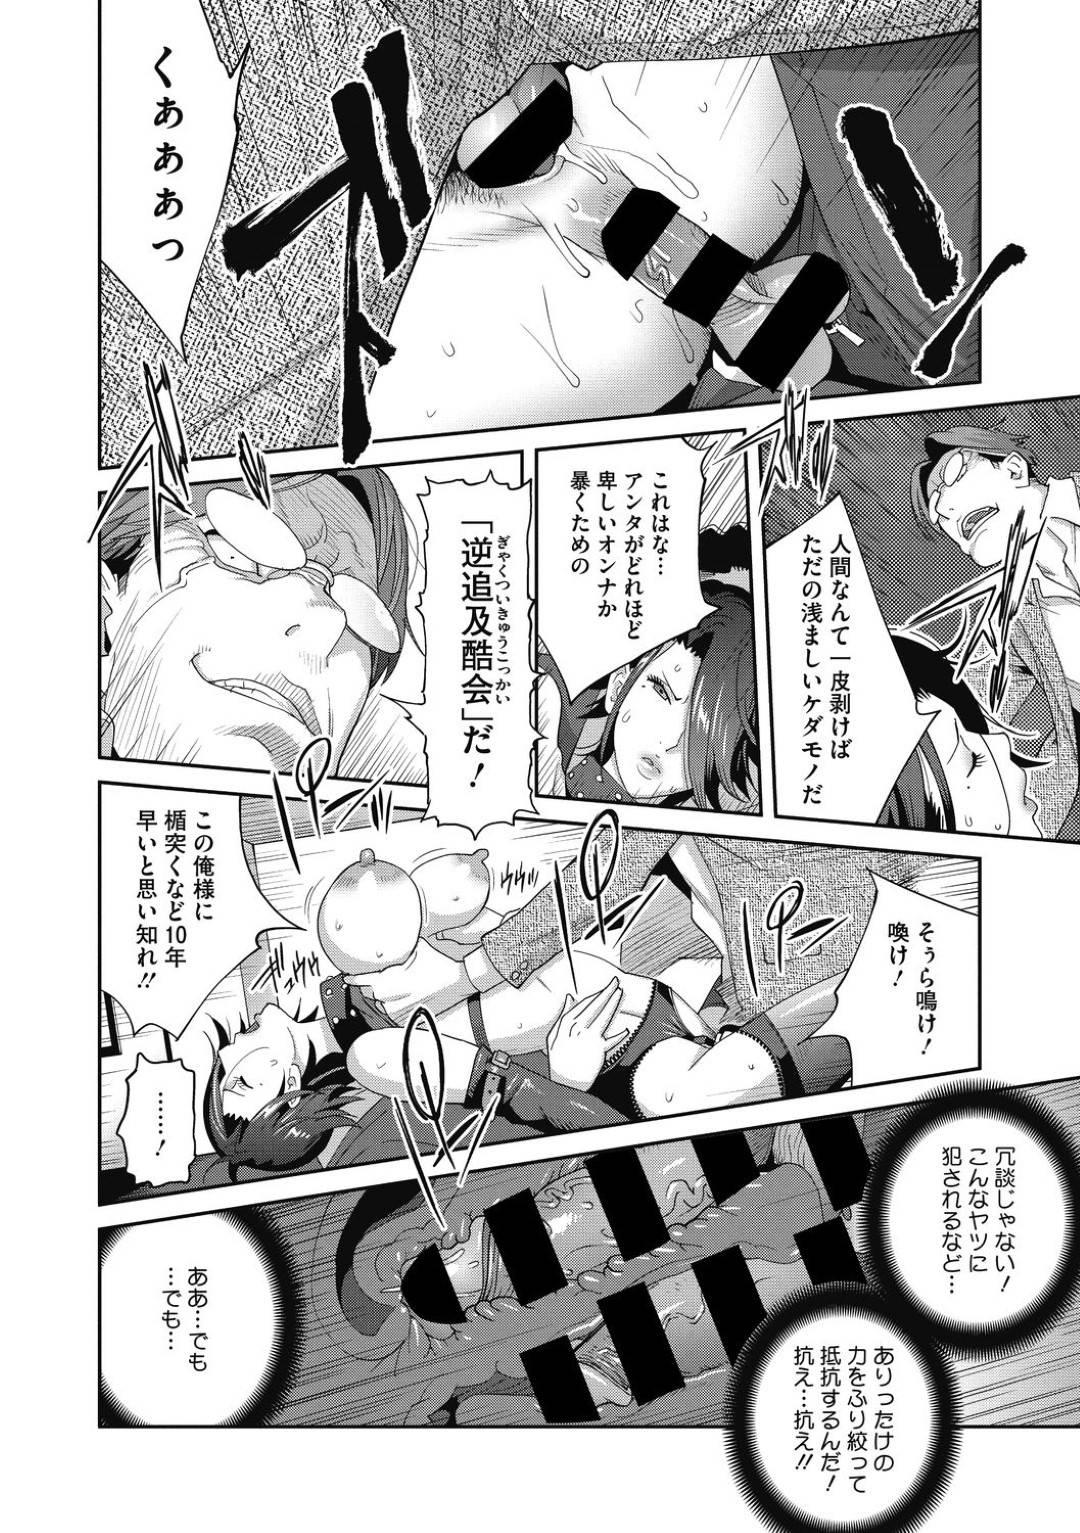 【エロ漫画】弱みを握られて男から調教を受ける議員の澪…職務中にローターを仕込まれて羞恥プレイを受けた後、目隠しさせられた状態でチンポをしゃぶらされたり、アナルセックスや3Pなどハードな陵辱を受けるのだった。【琴義弓介:乳虐のルドベキア~第四虐~】